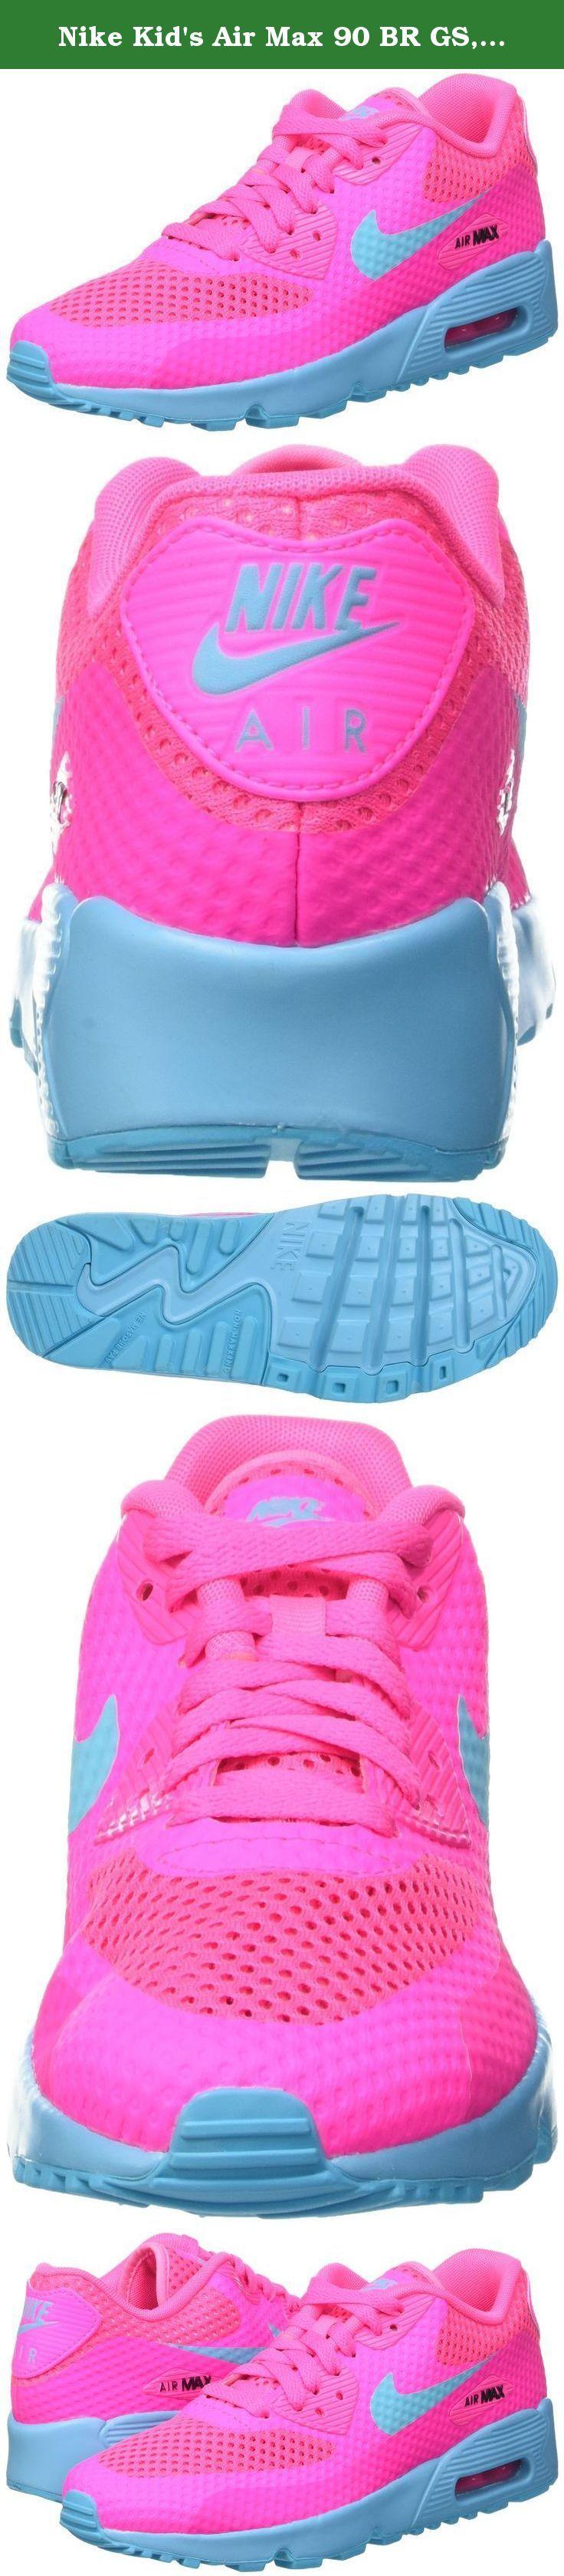 Nike Kid's Air Max 90 BR GS, PINK BLAST/GAMMA BLUE-BLACK, Youth Size 4. Nike Kid's Air Max 90 BR GS, PINK BLAST/GAMMA BLUE-BLACK, Youth Size 4.